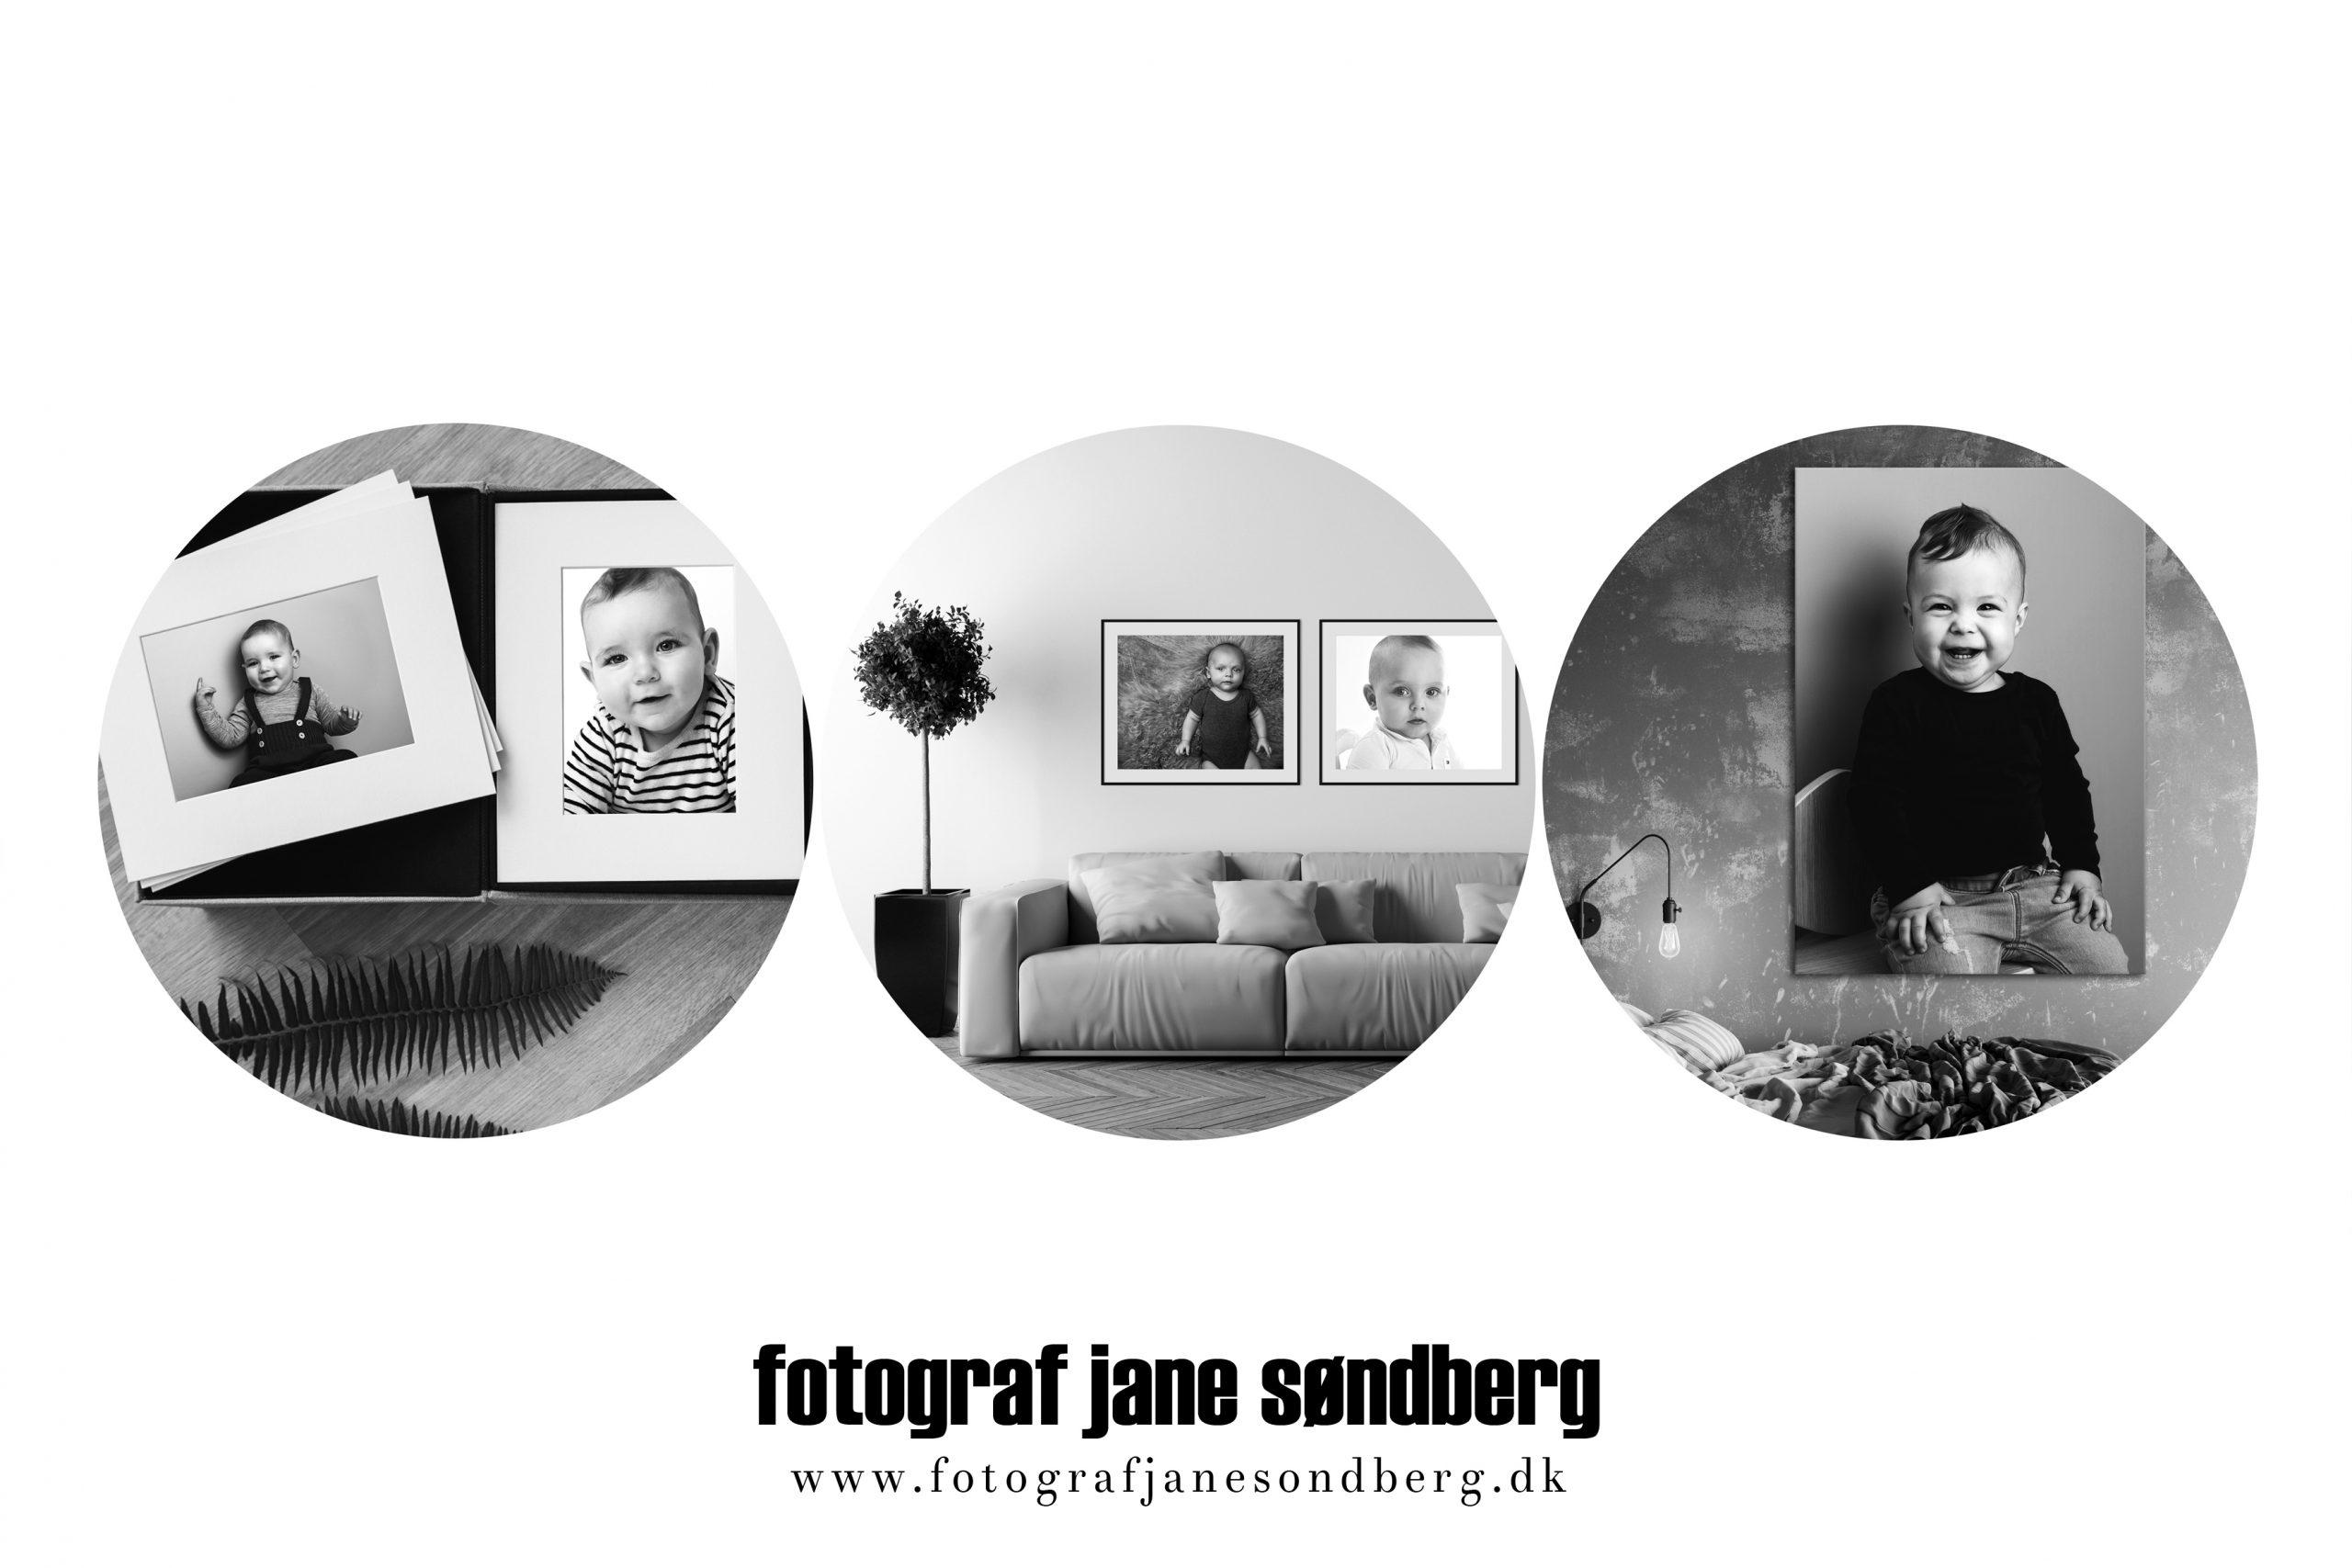 Fotograf Jane Søndberg nyhed temadag f